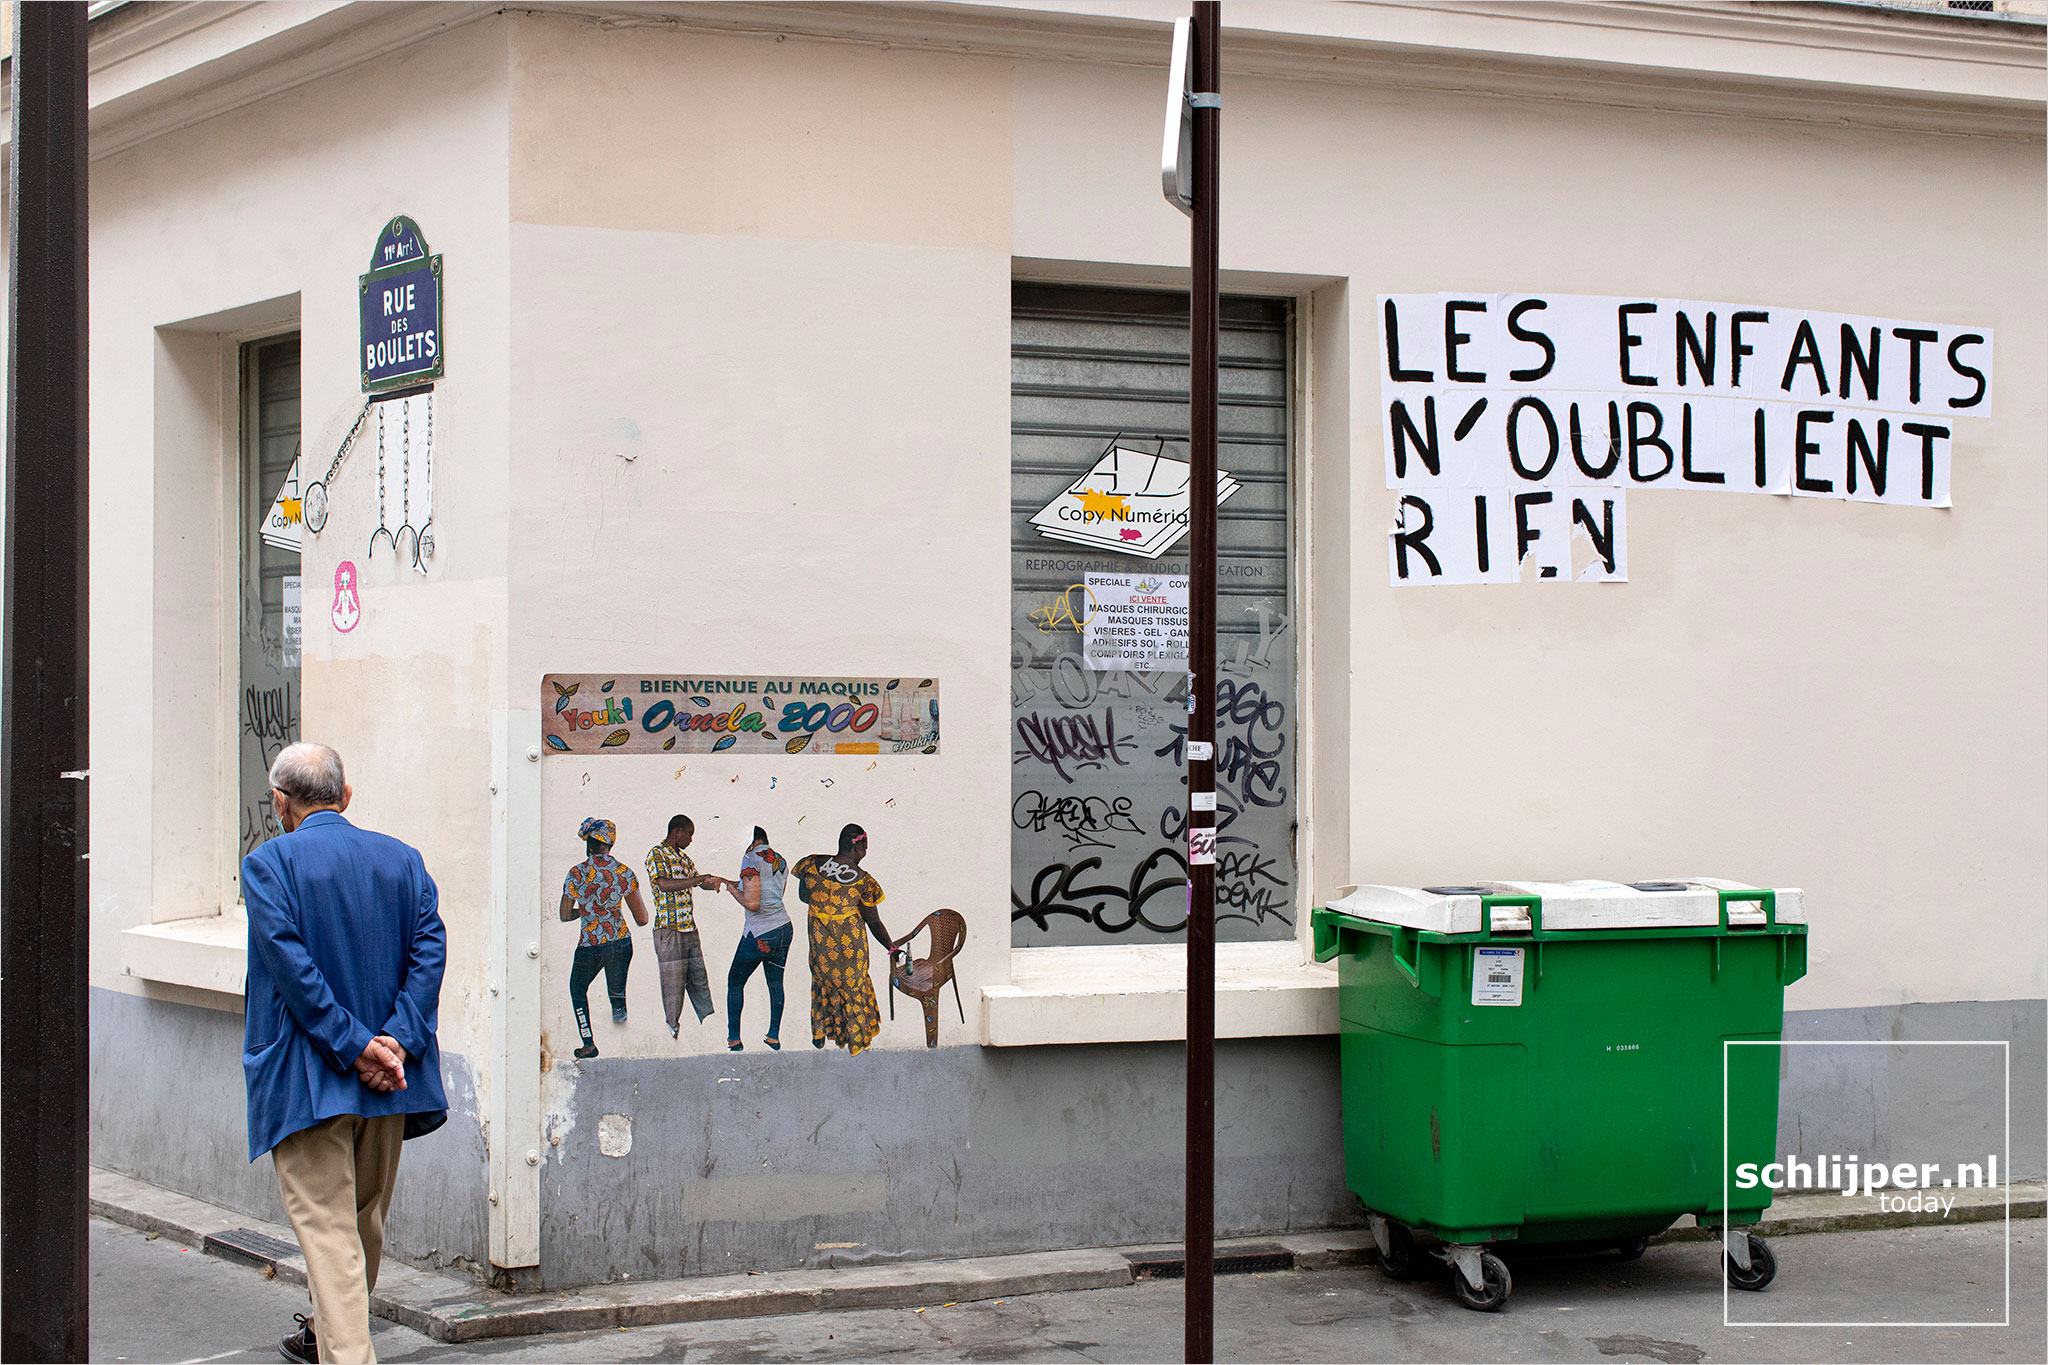 Frankrijk, Parijs, 14 juli 2020